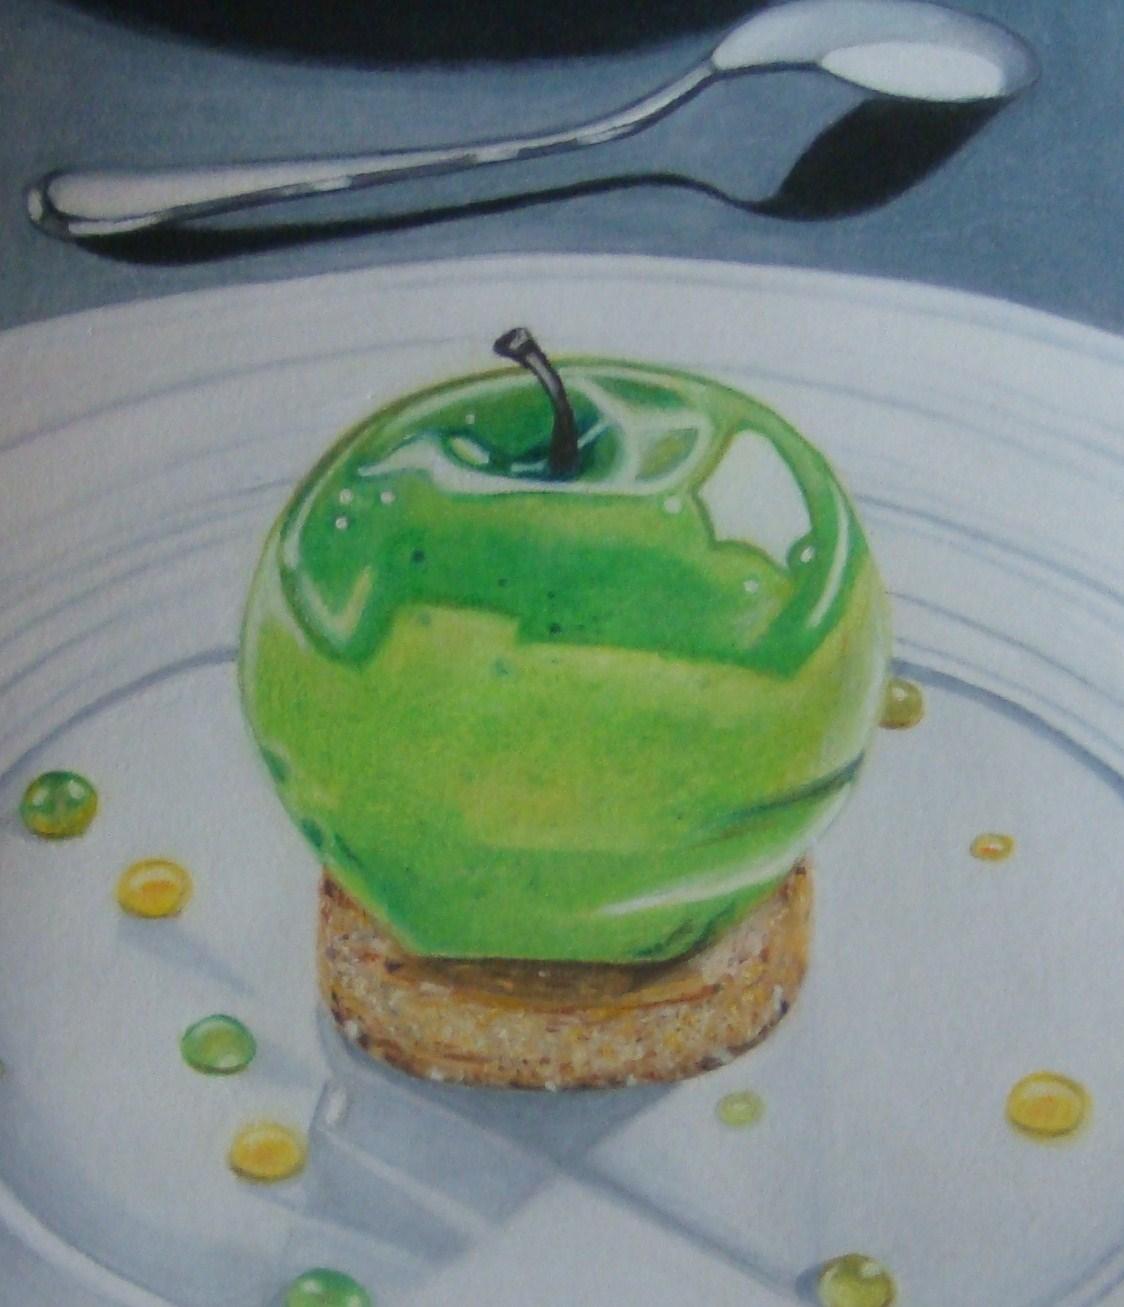 Dessin la tarte aux pommes de julien - Dessin de tarte aux pommes ...